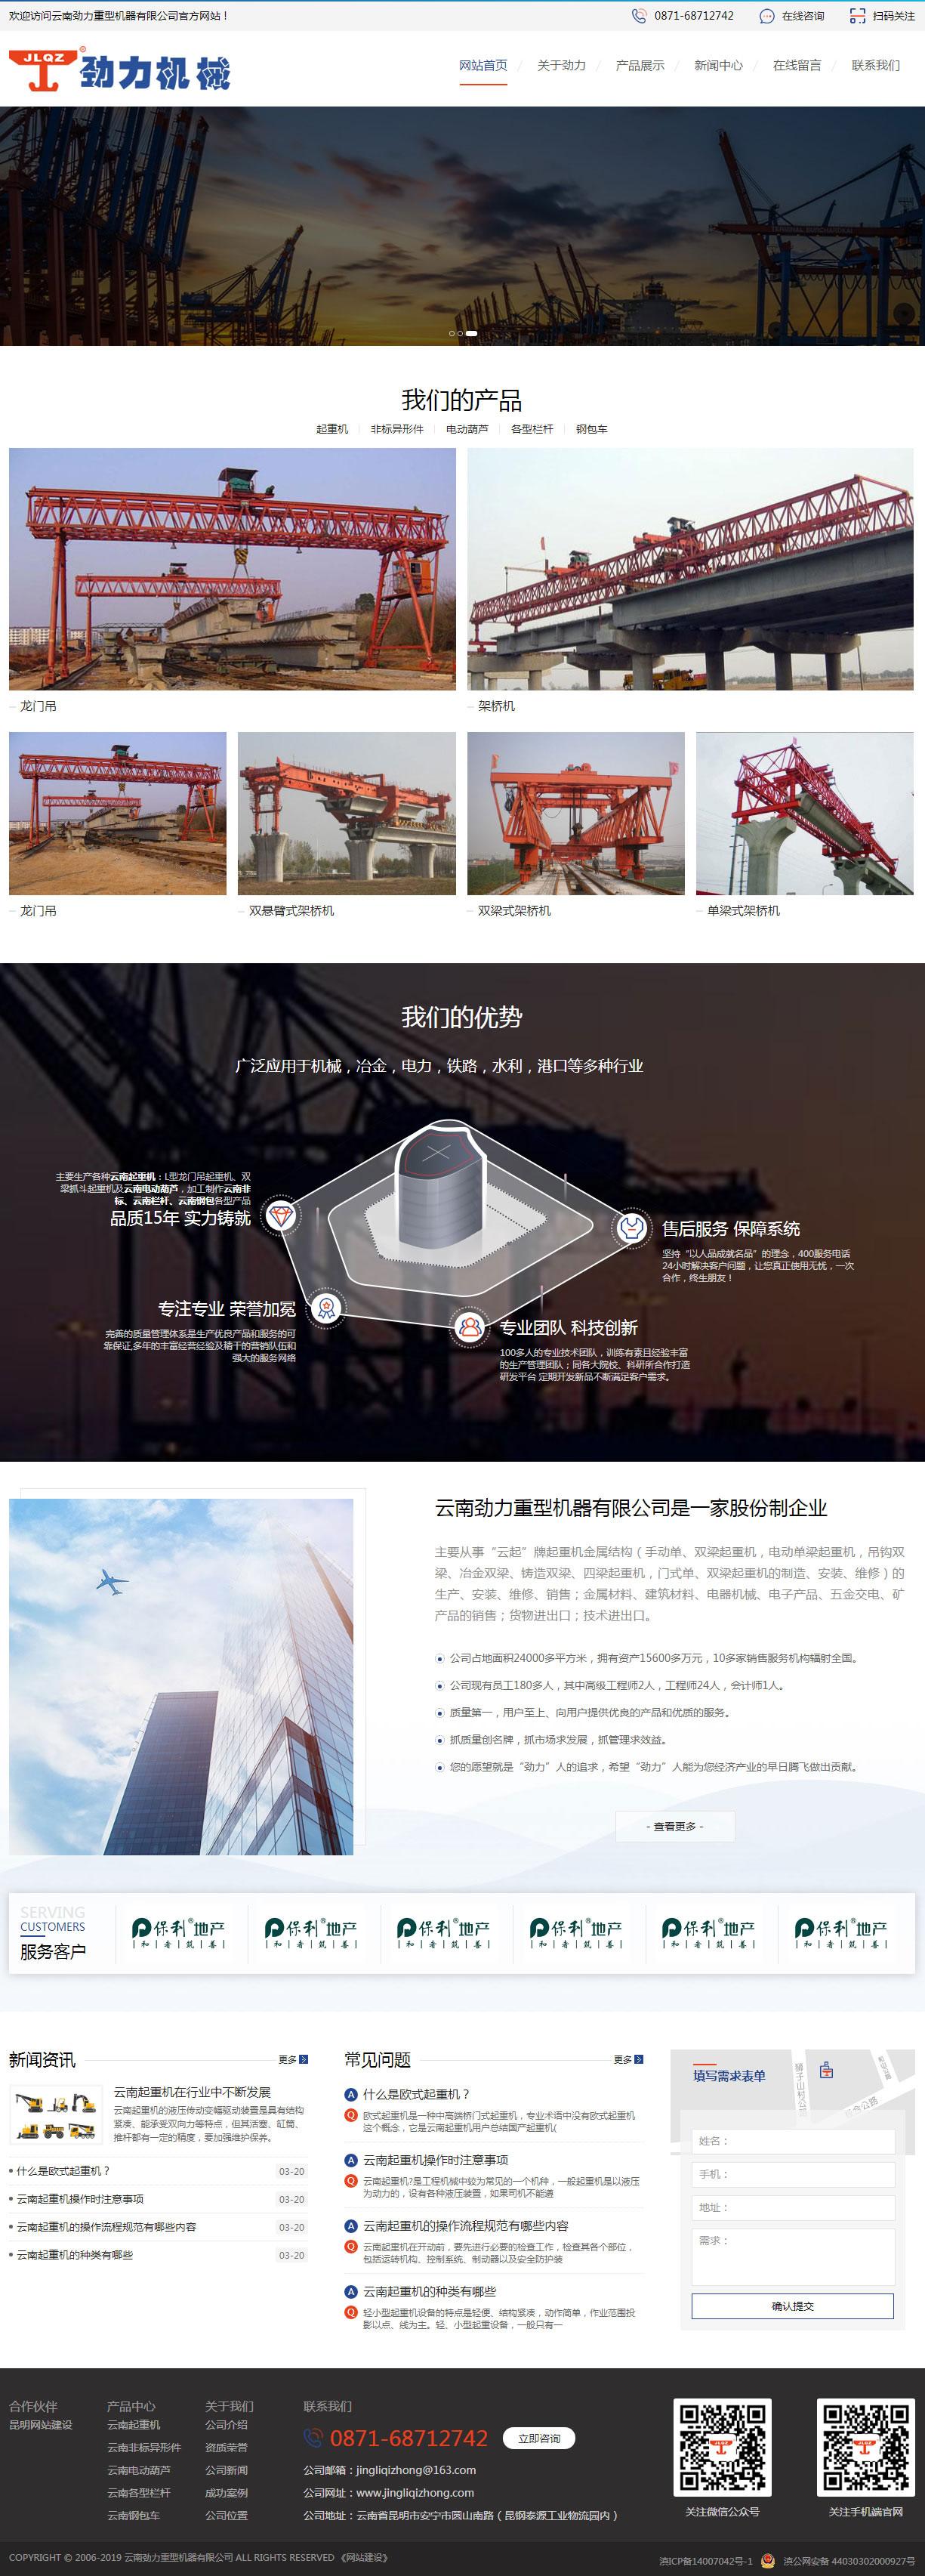 云南劲力重型机器有限公司营销型网站建设